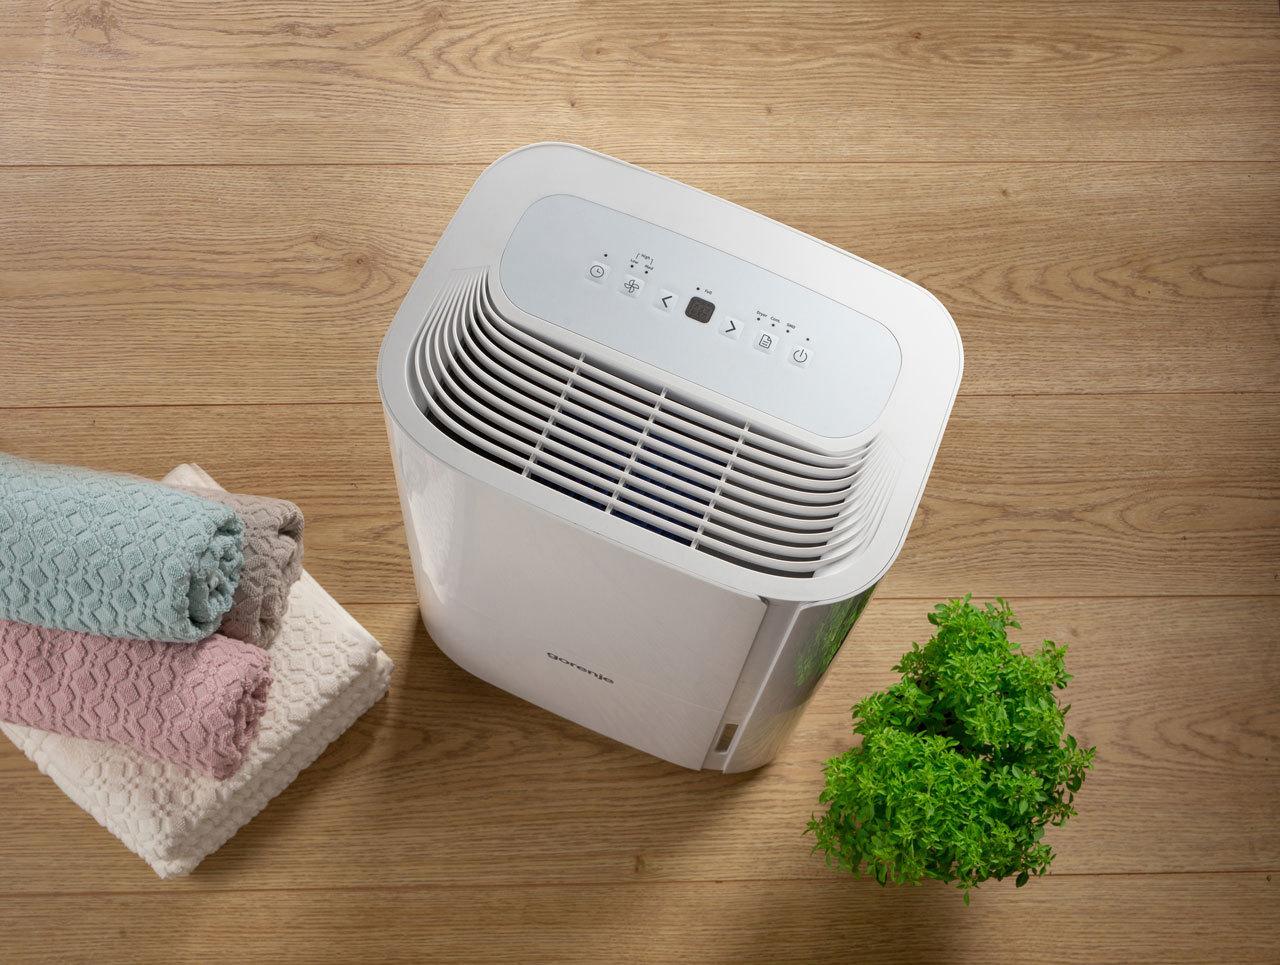 Осушители воздуха: для чего нужны, особенности выбора оборудования